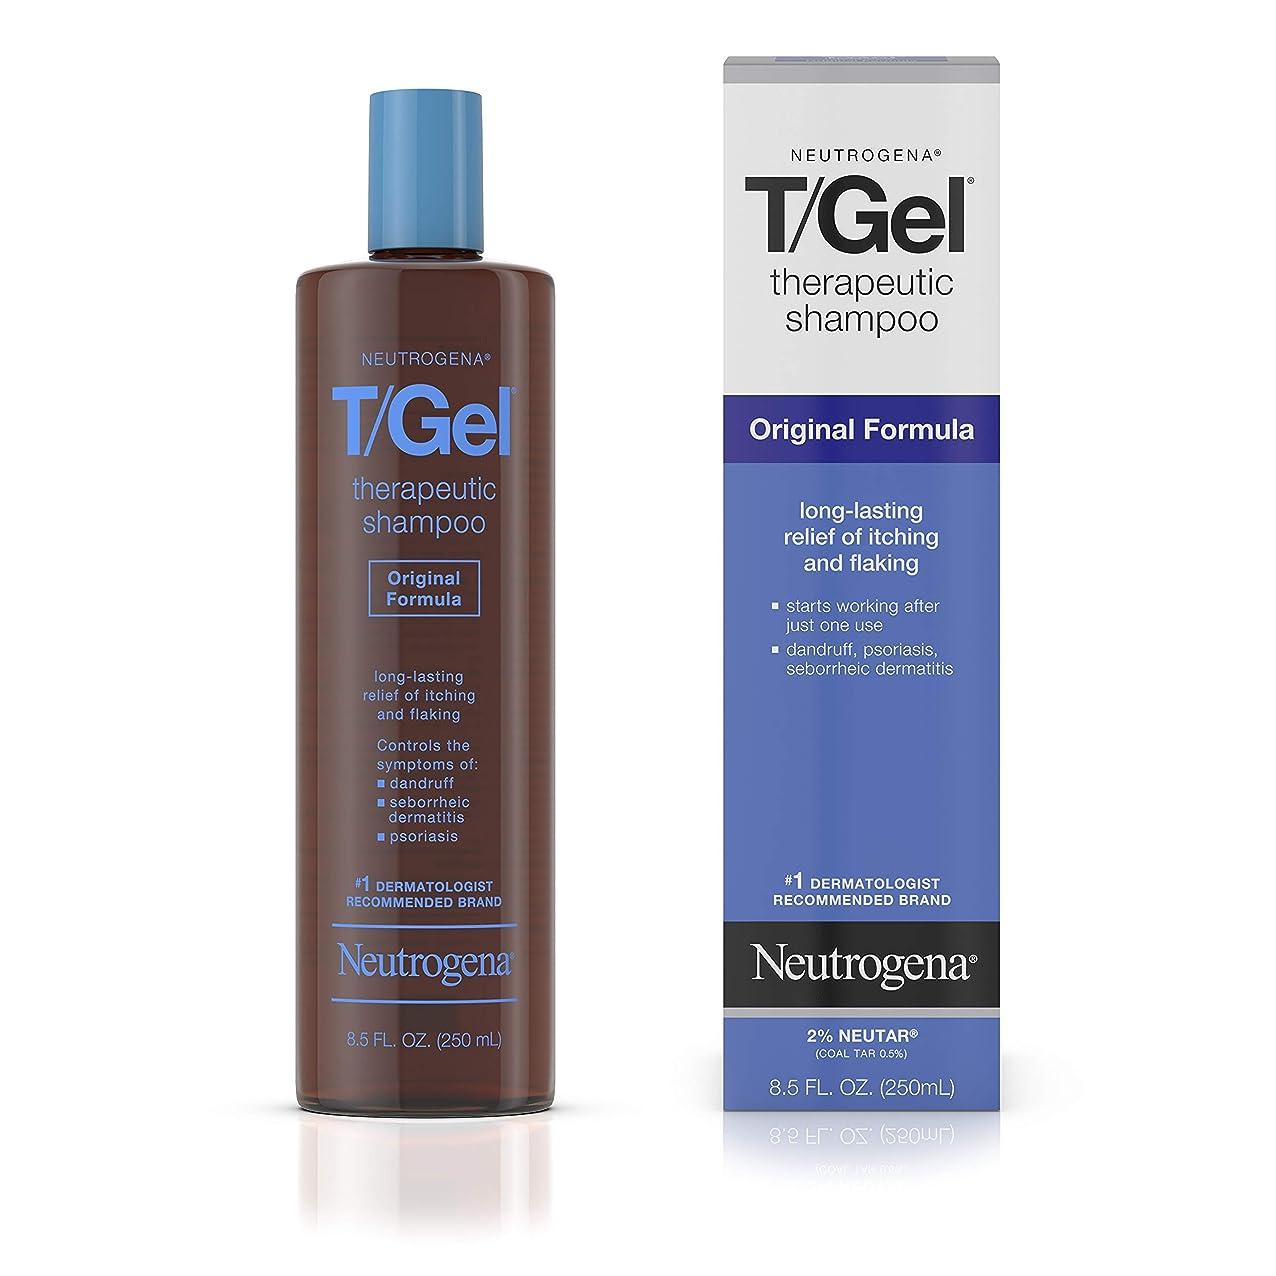 忘れっぽい外交断言するNeutrogena T/Gel Shampoo Original 250 ml (並行輸入品)